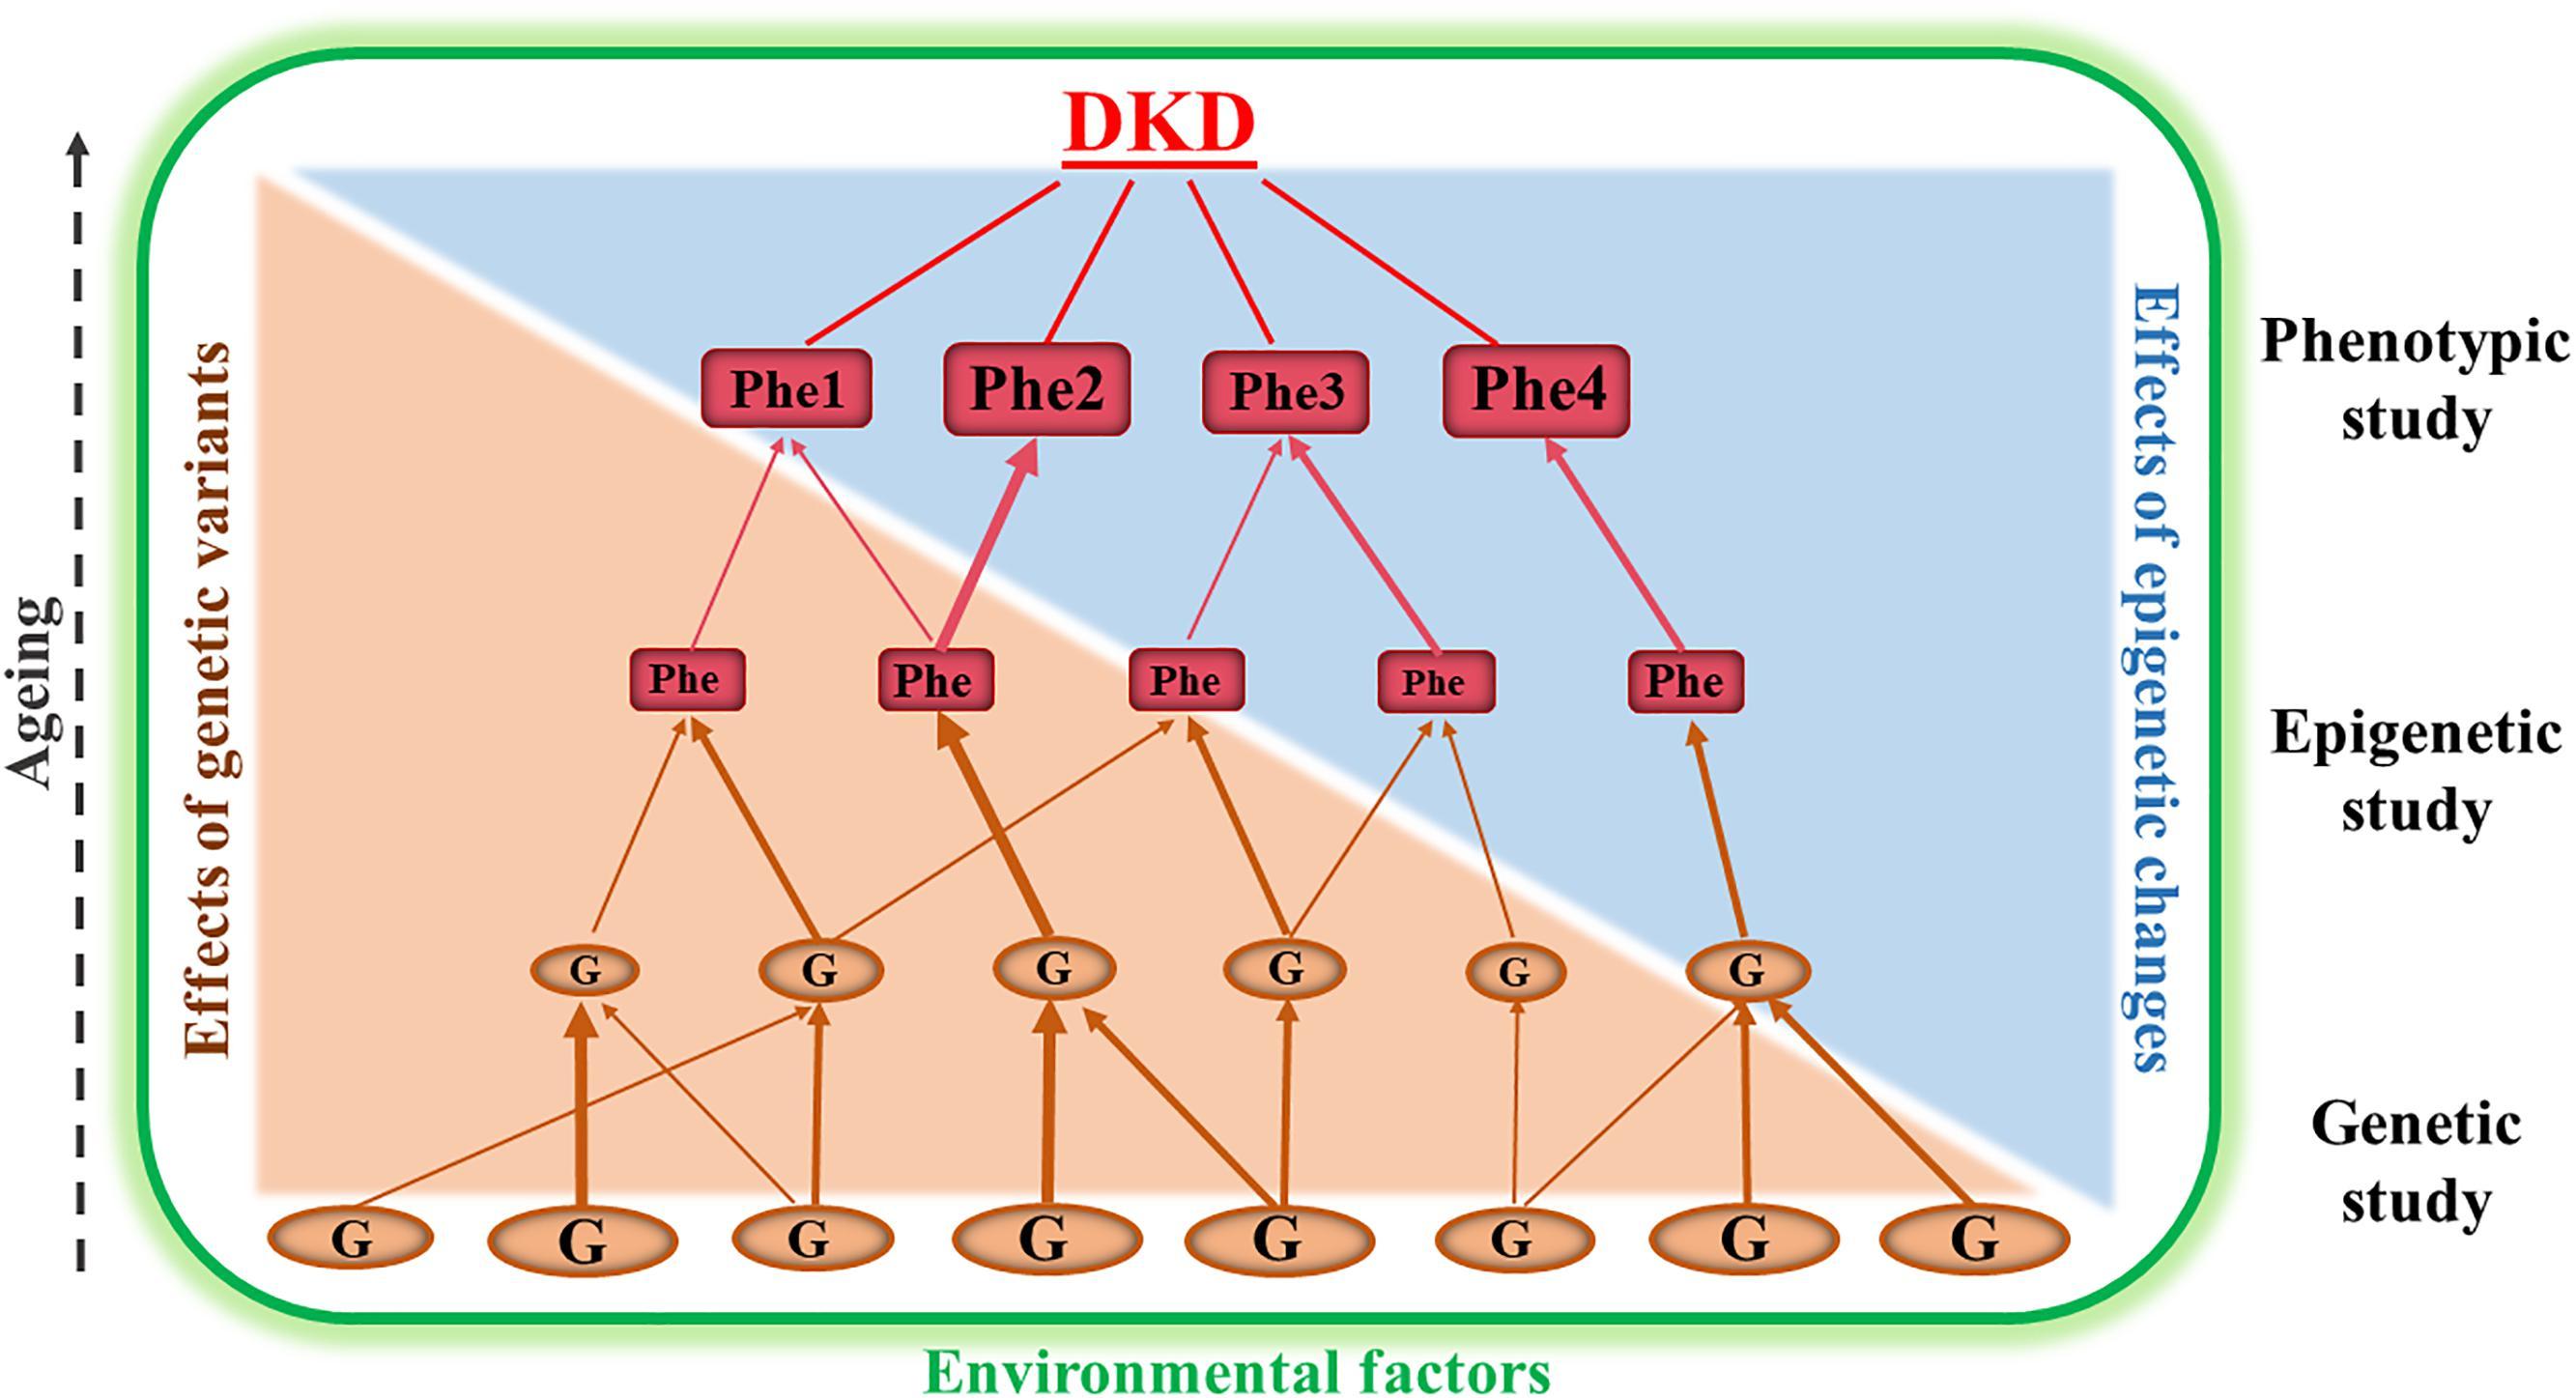 Frontiers   Genetic and Epigenetic Studies in Diabetic